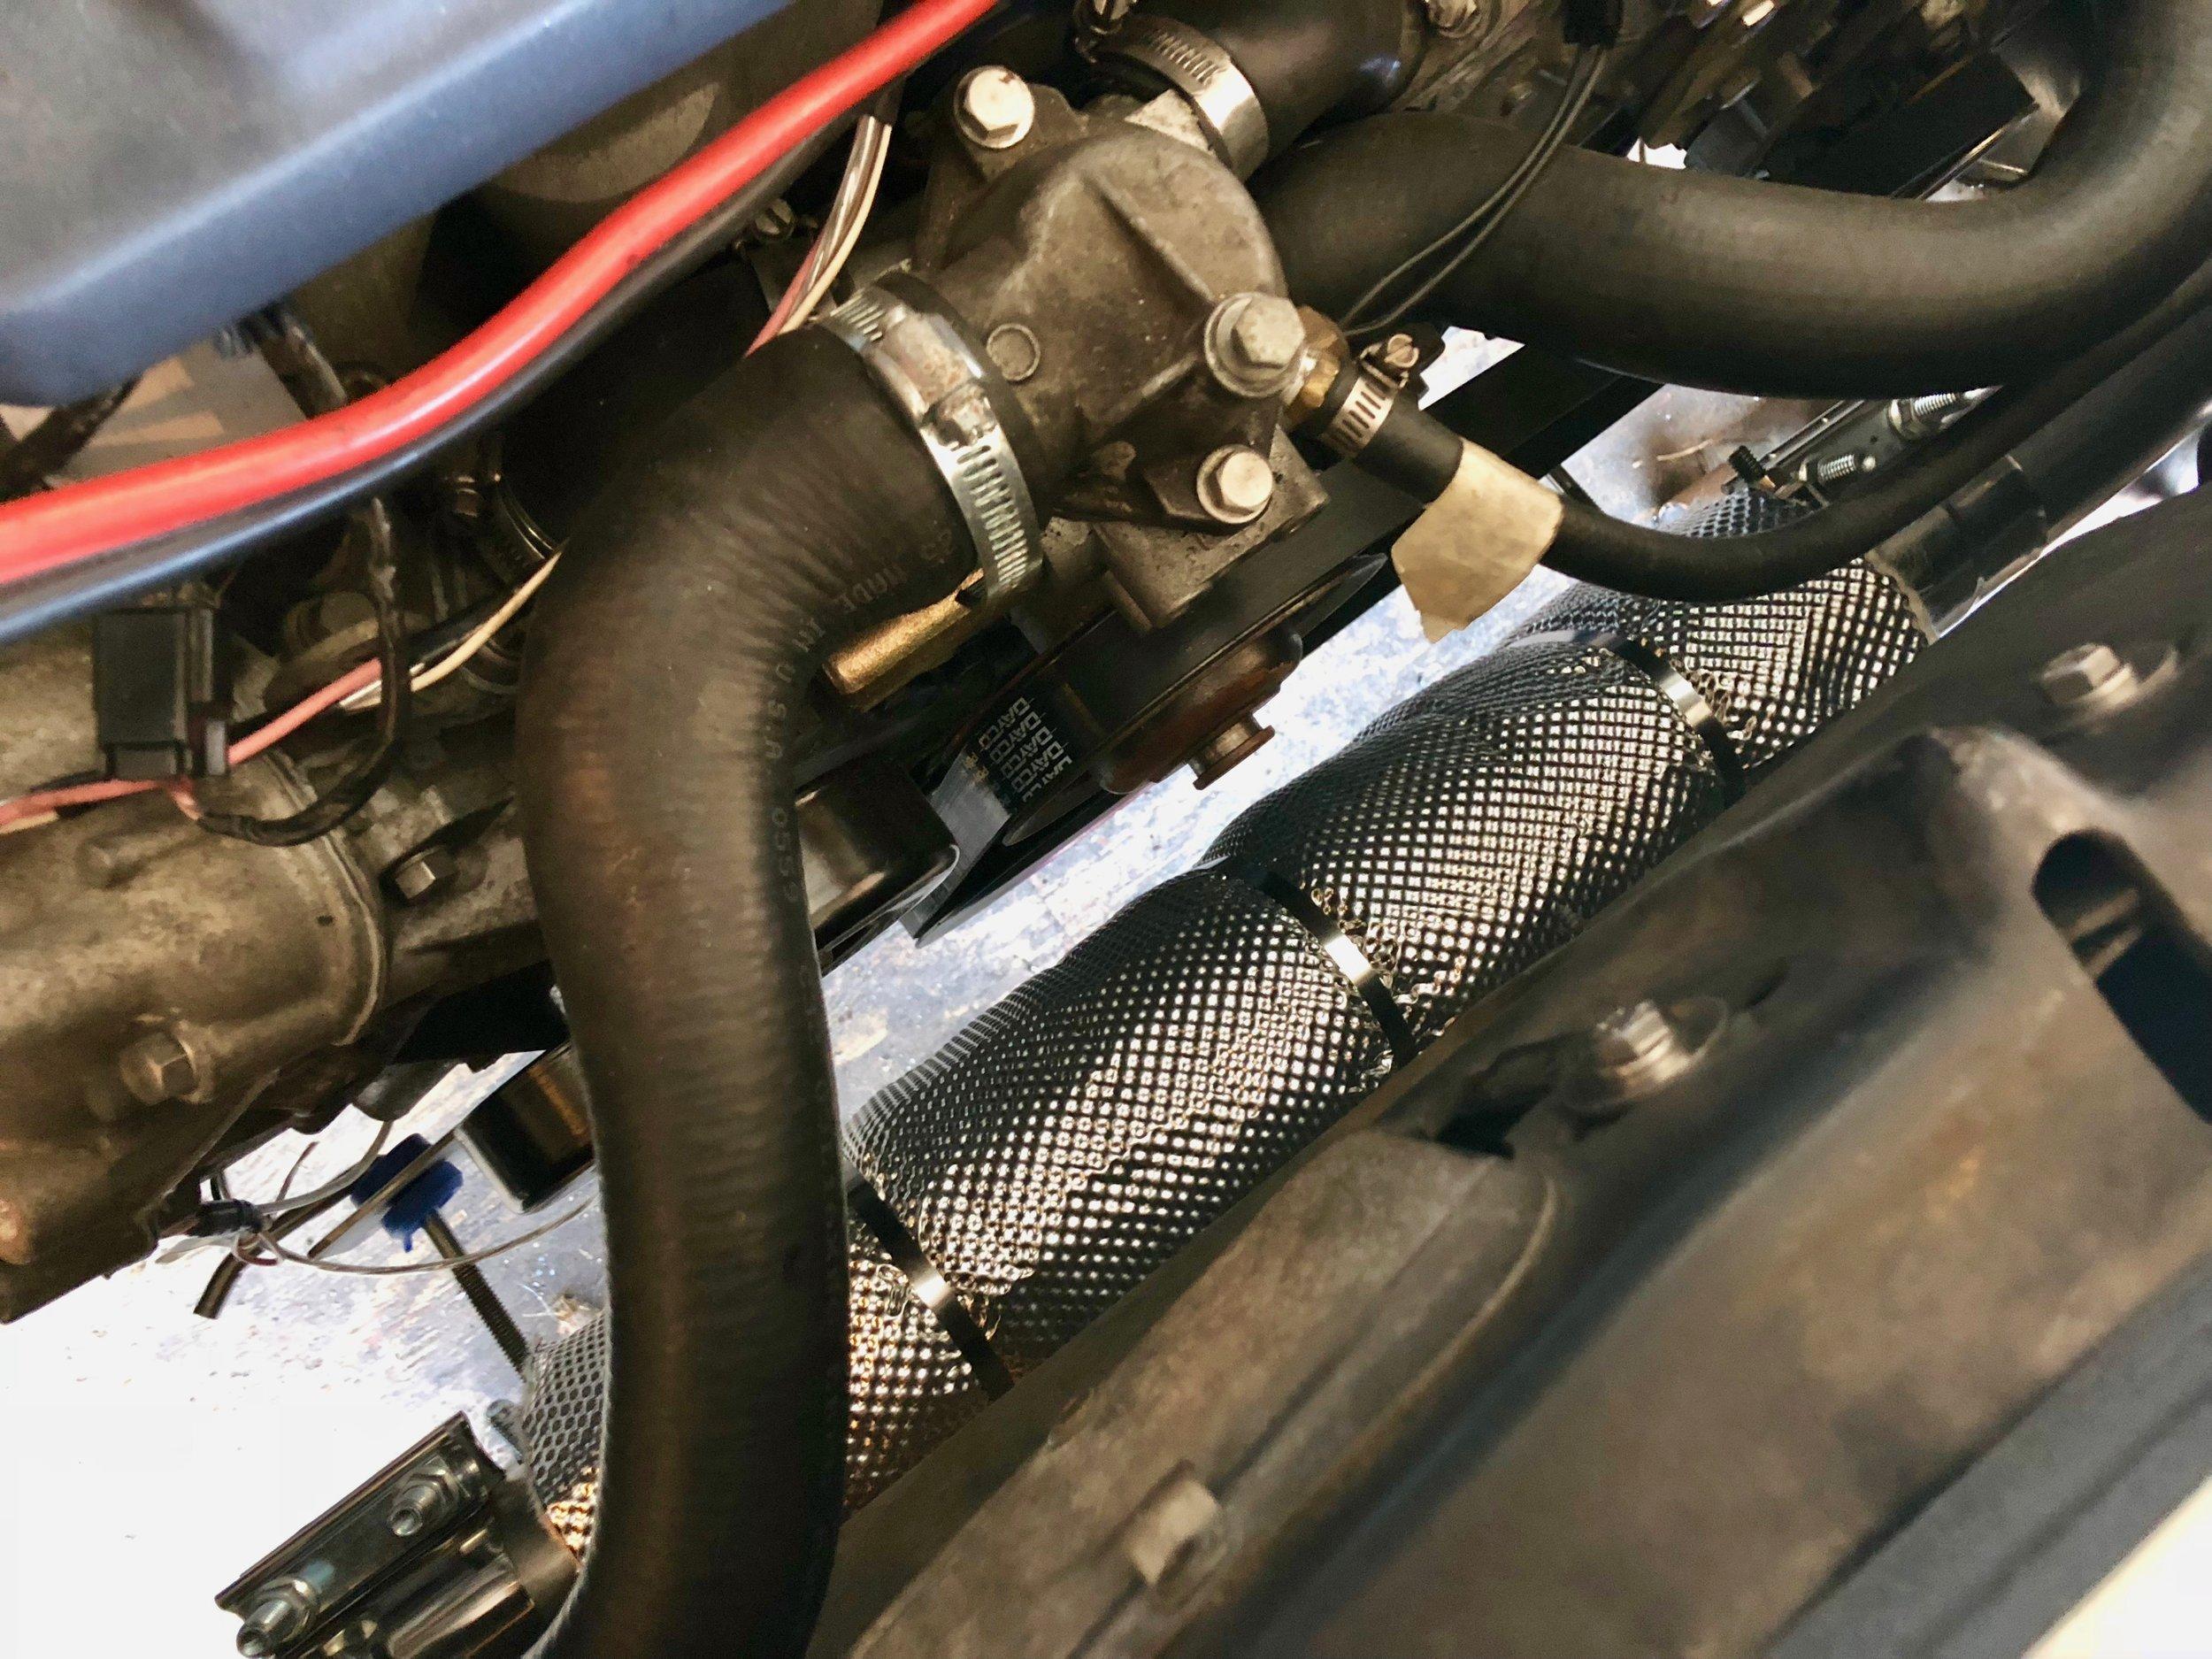 Heat Shield Product's Muffler Armor installed around the muffler.